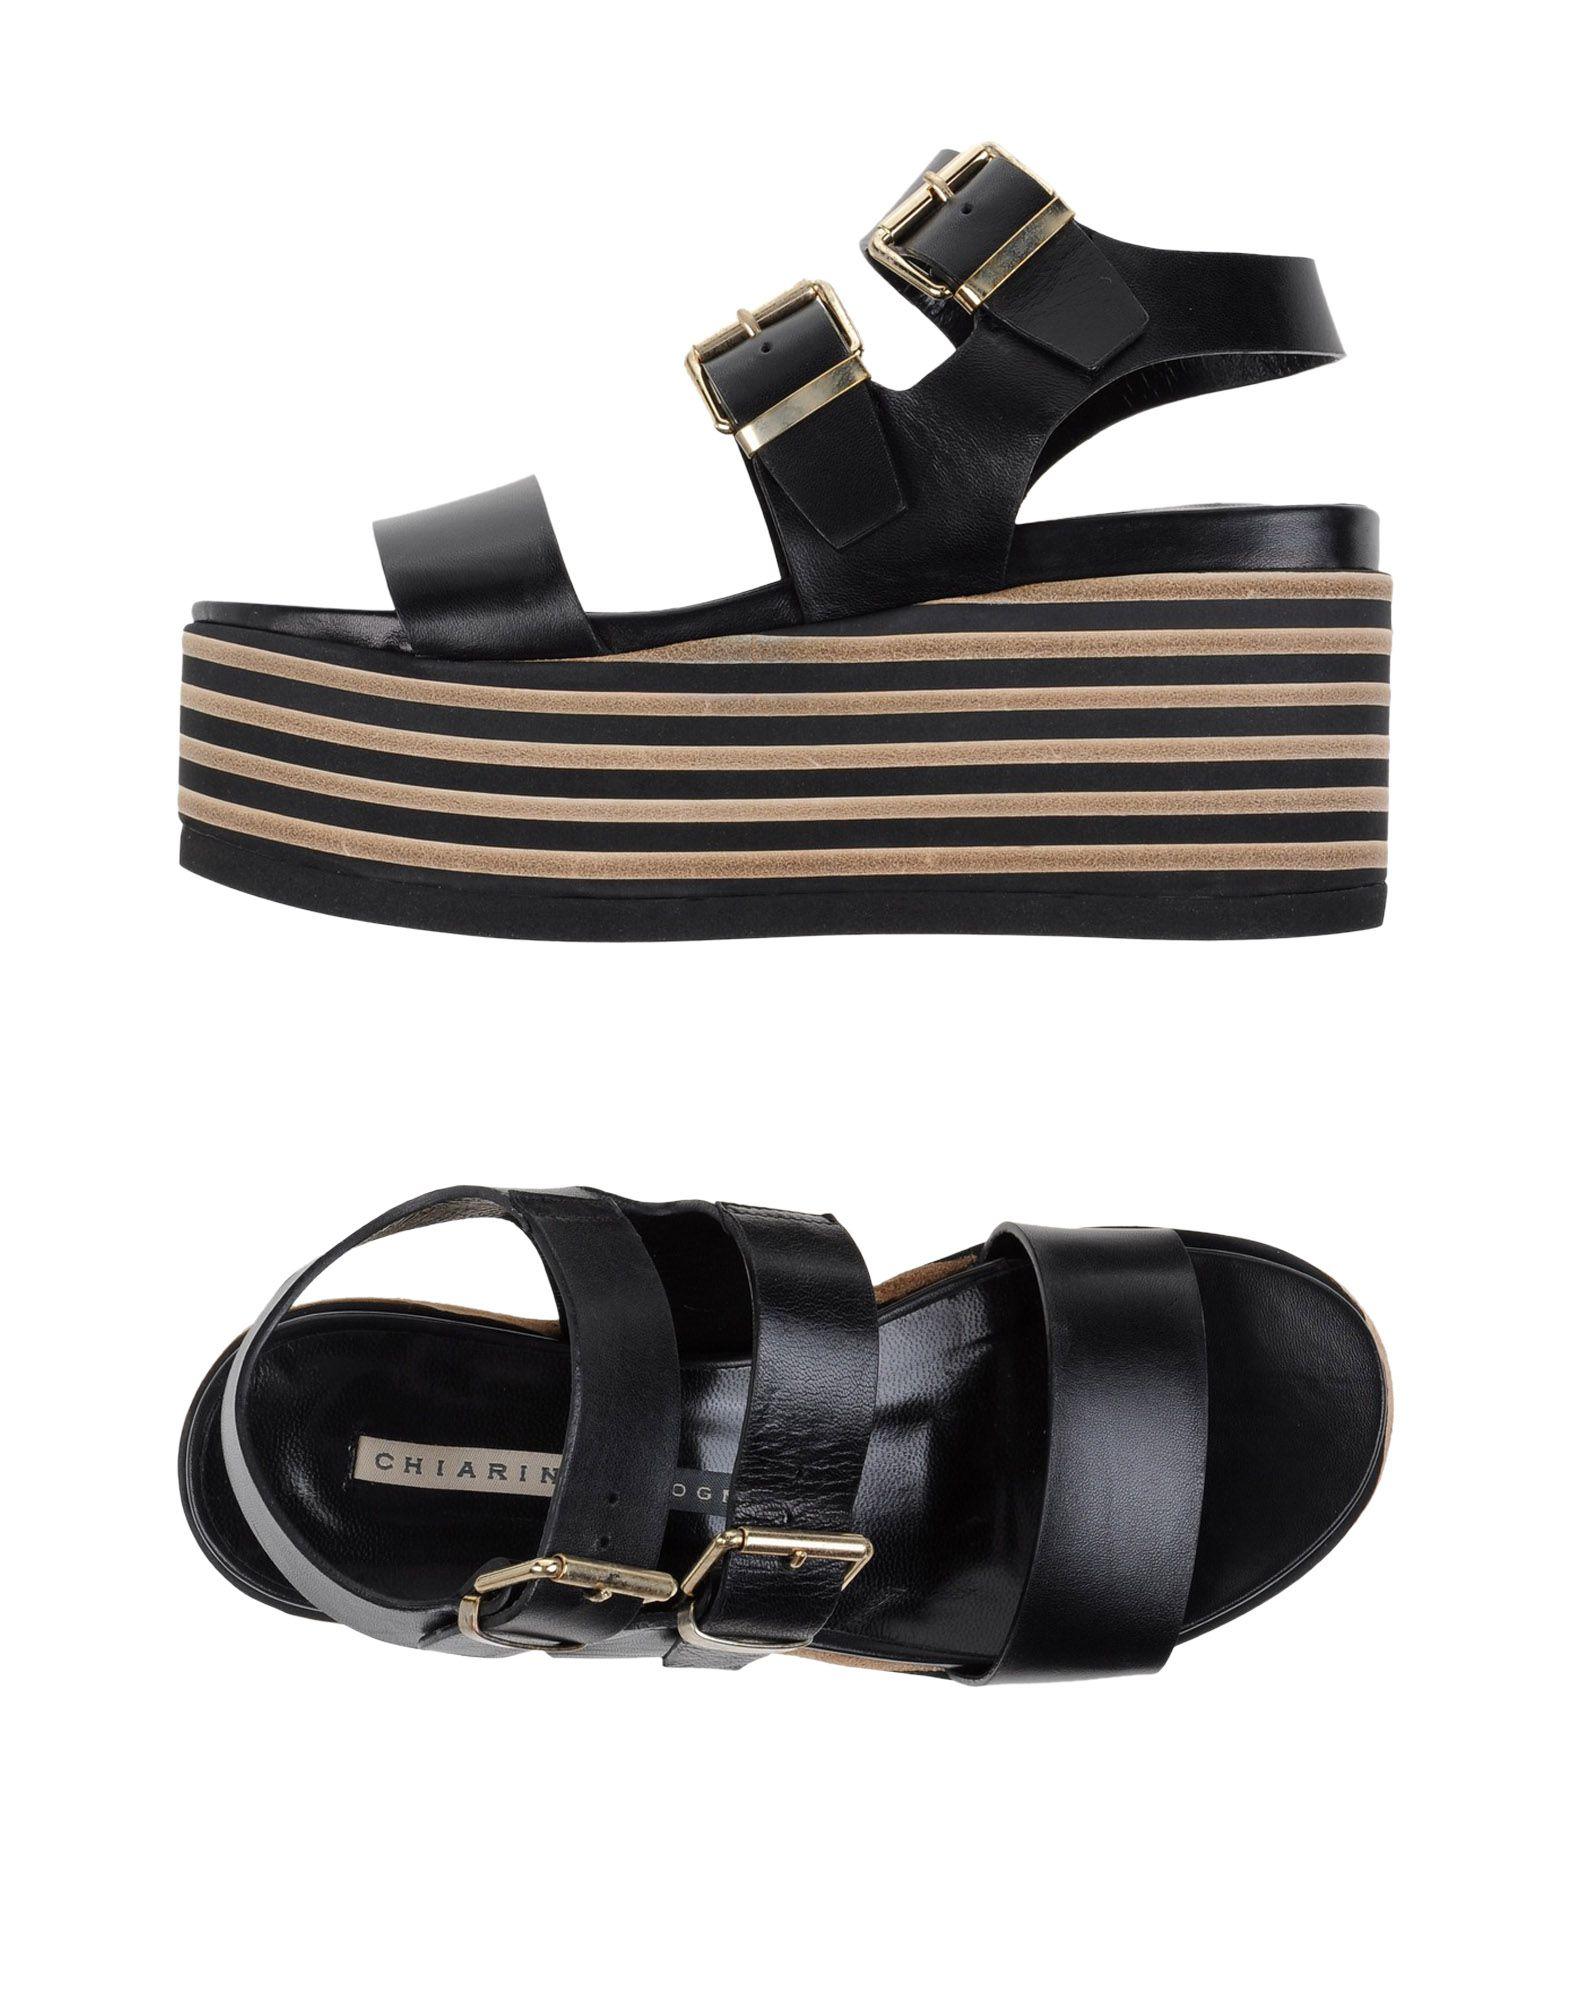 Stilvolle billige Schuhe Chiarini 11126417US Bologna Sandalen Damen  11126417US Chiarini 602e49